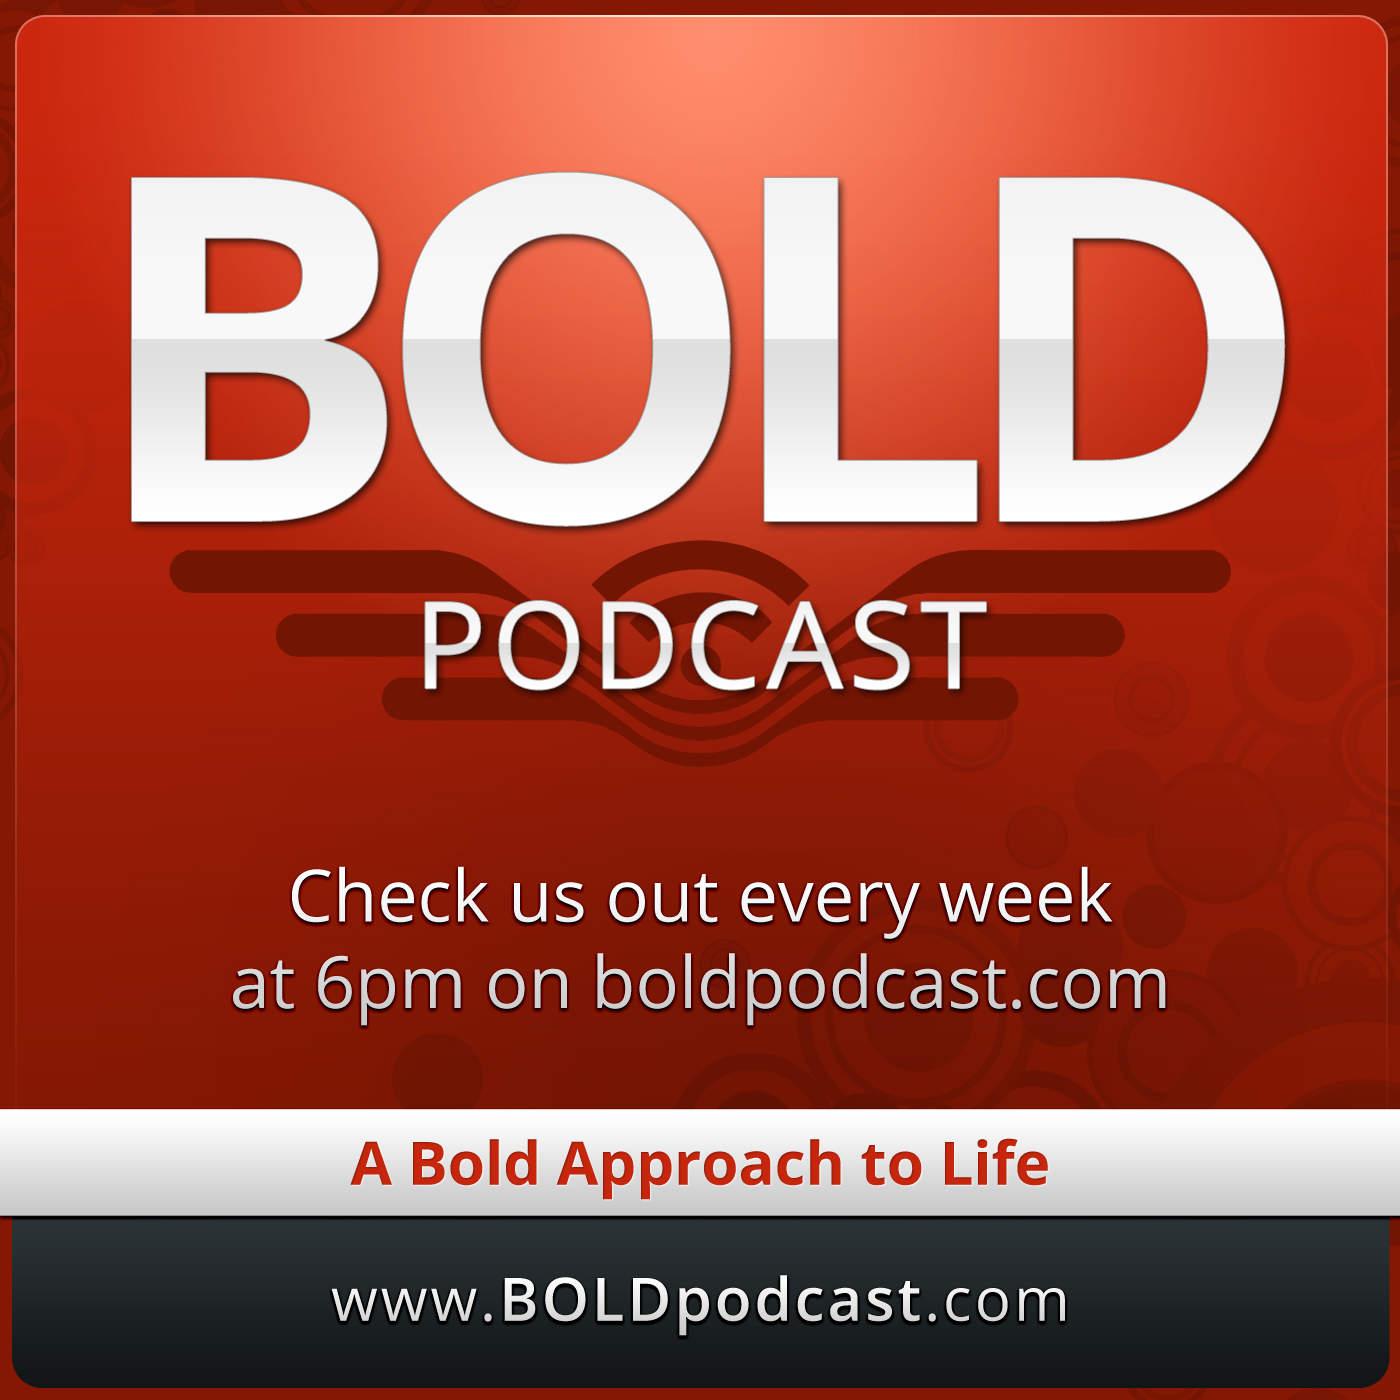 BoldPodcast